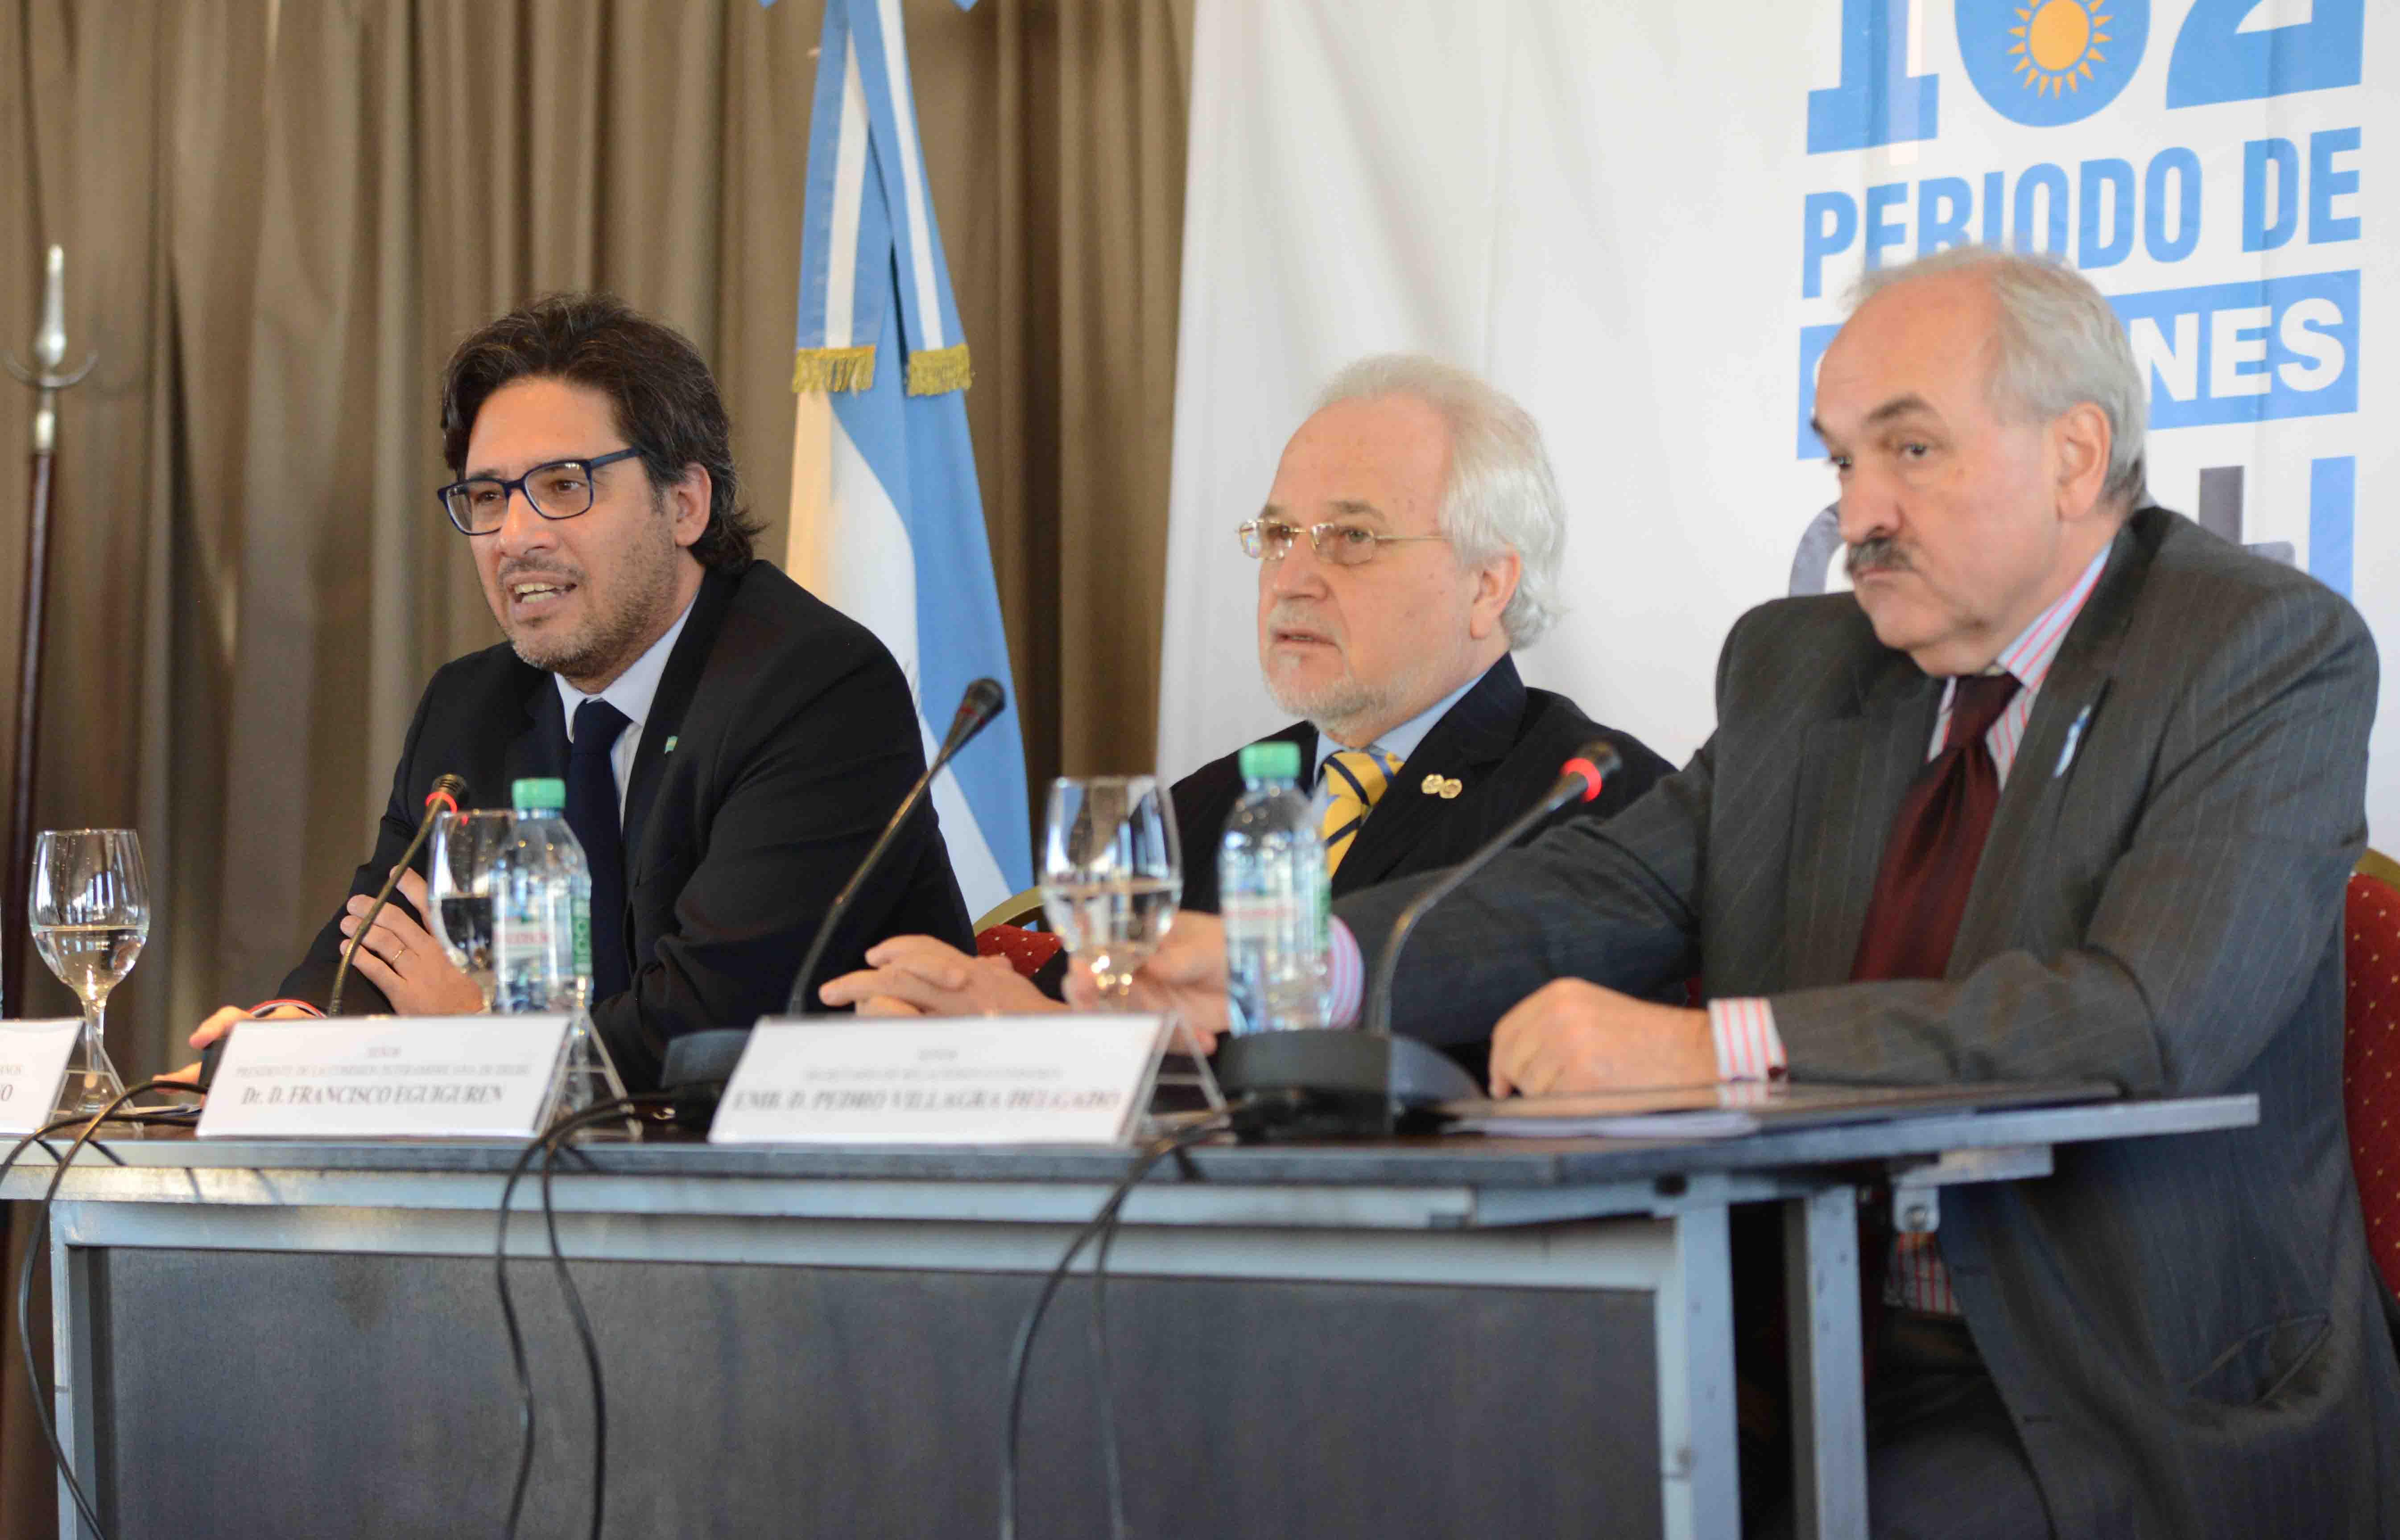 El gobierno nacional dio la bienvenida a la Comisión Interamericana de Derechos Humanos